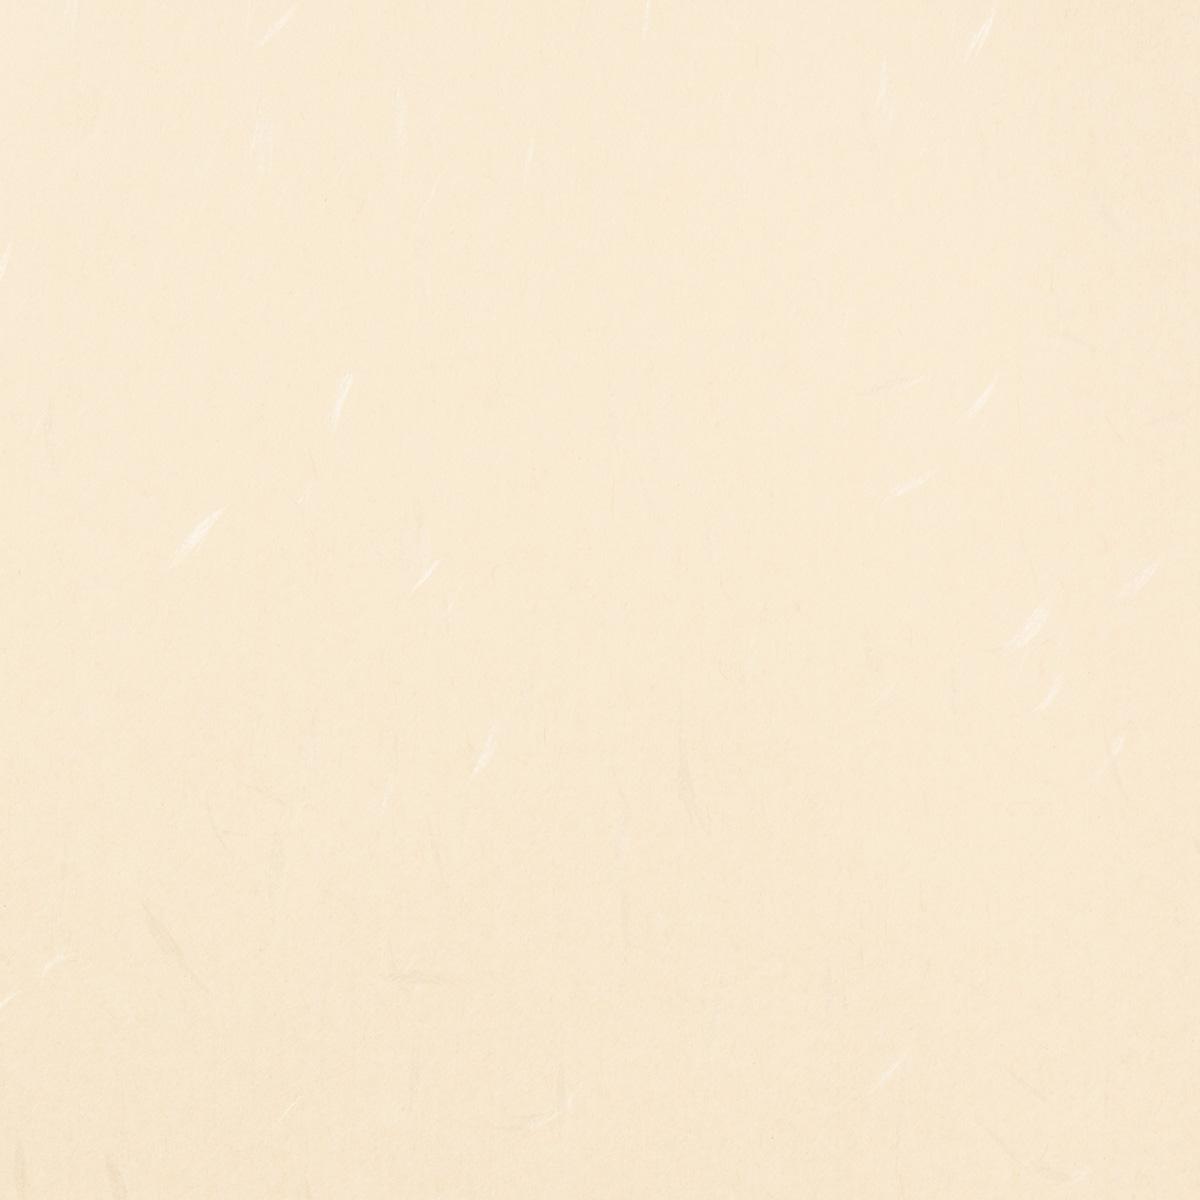 月華ニューカラー B5サイズ(50枚入) No.4 ベージュ